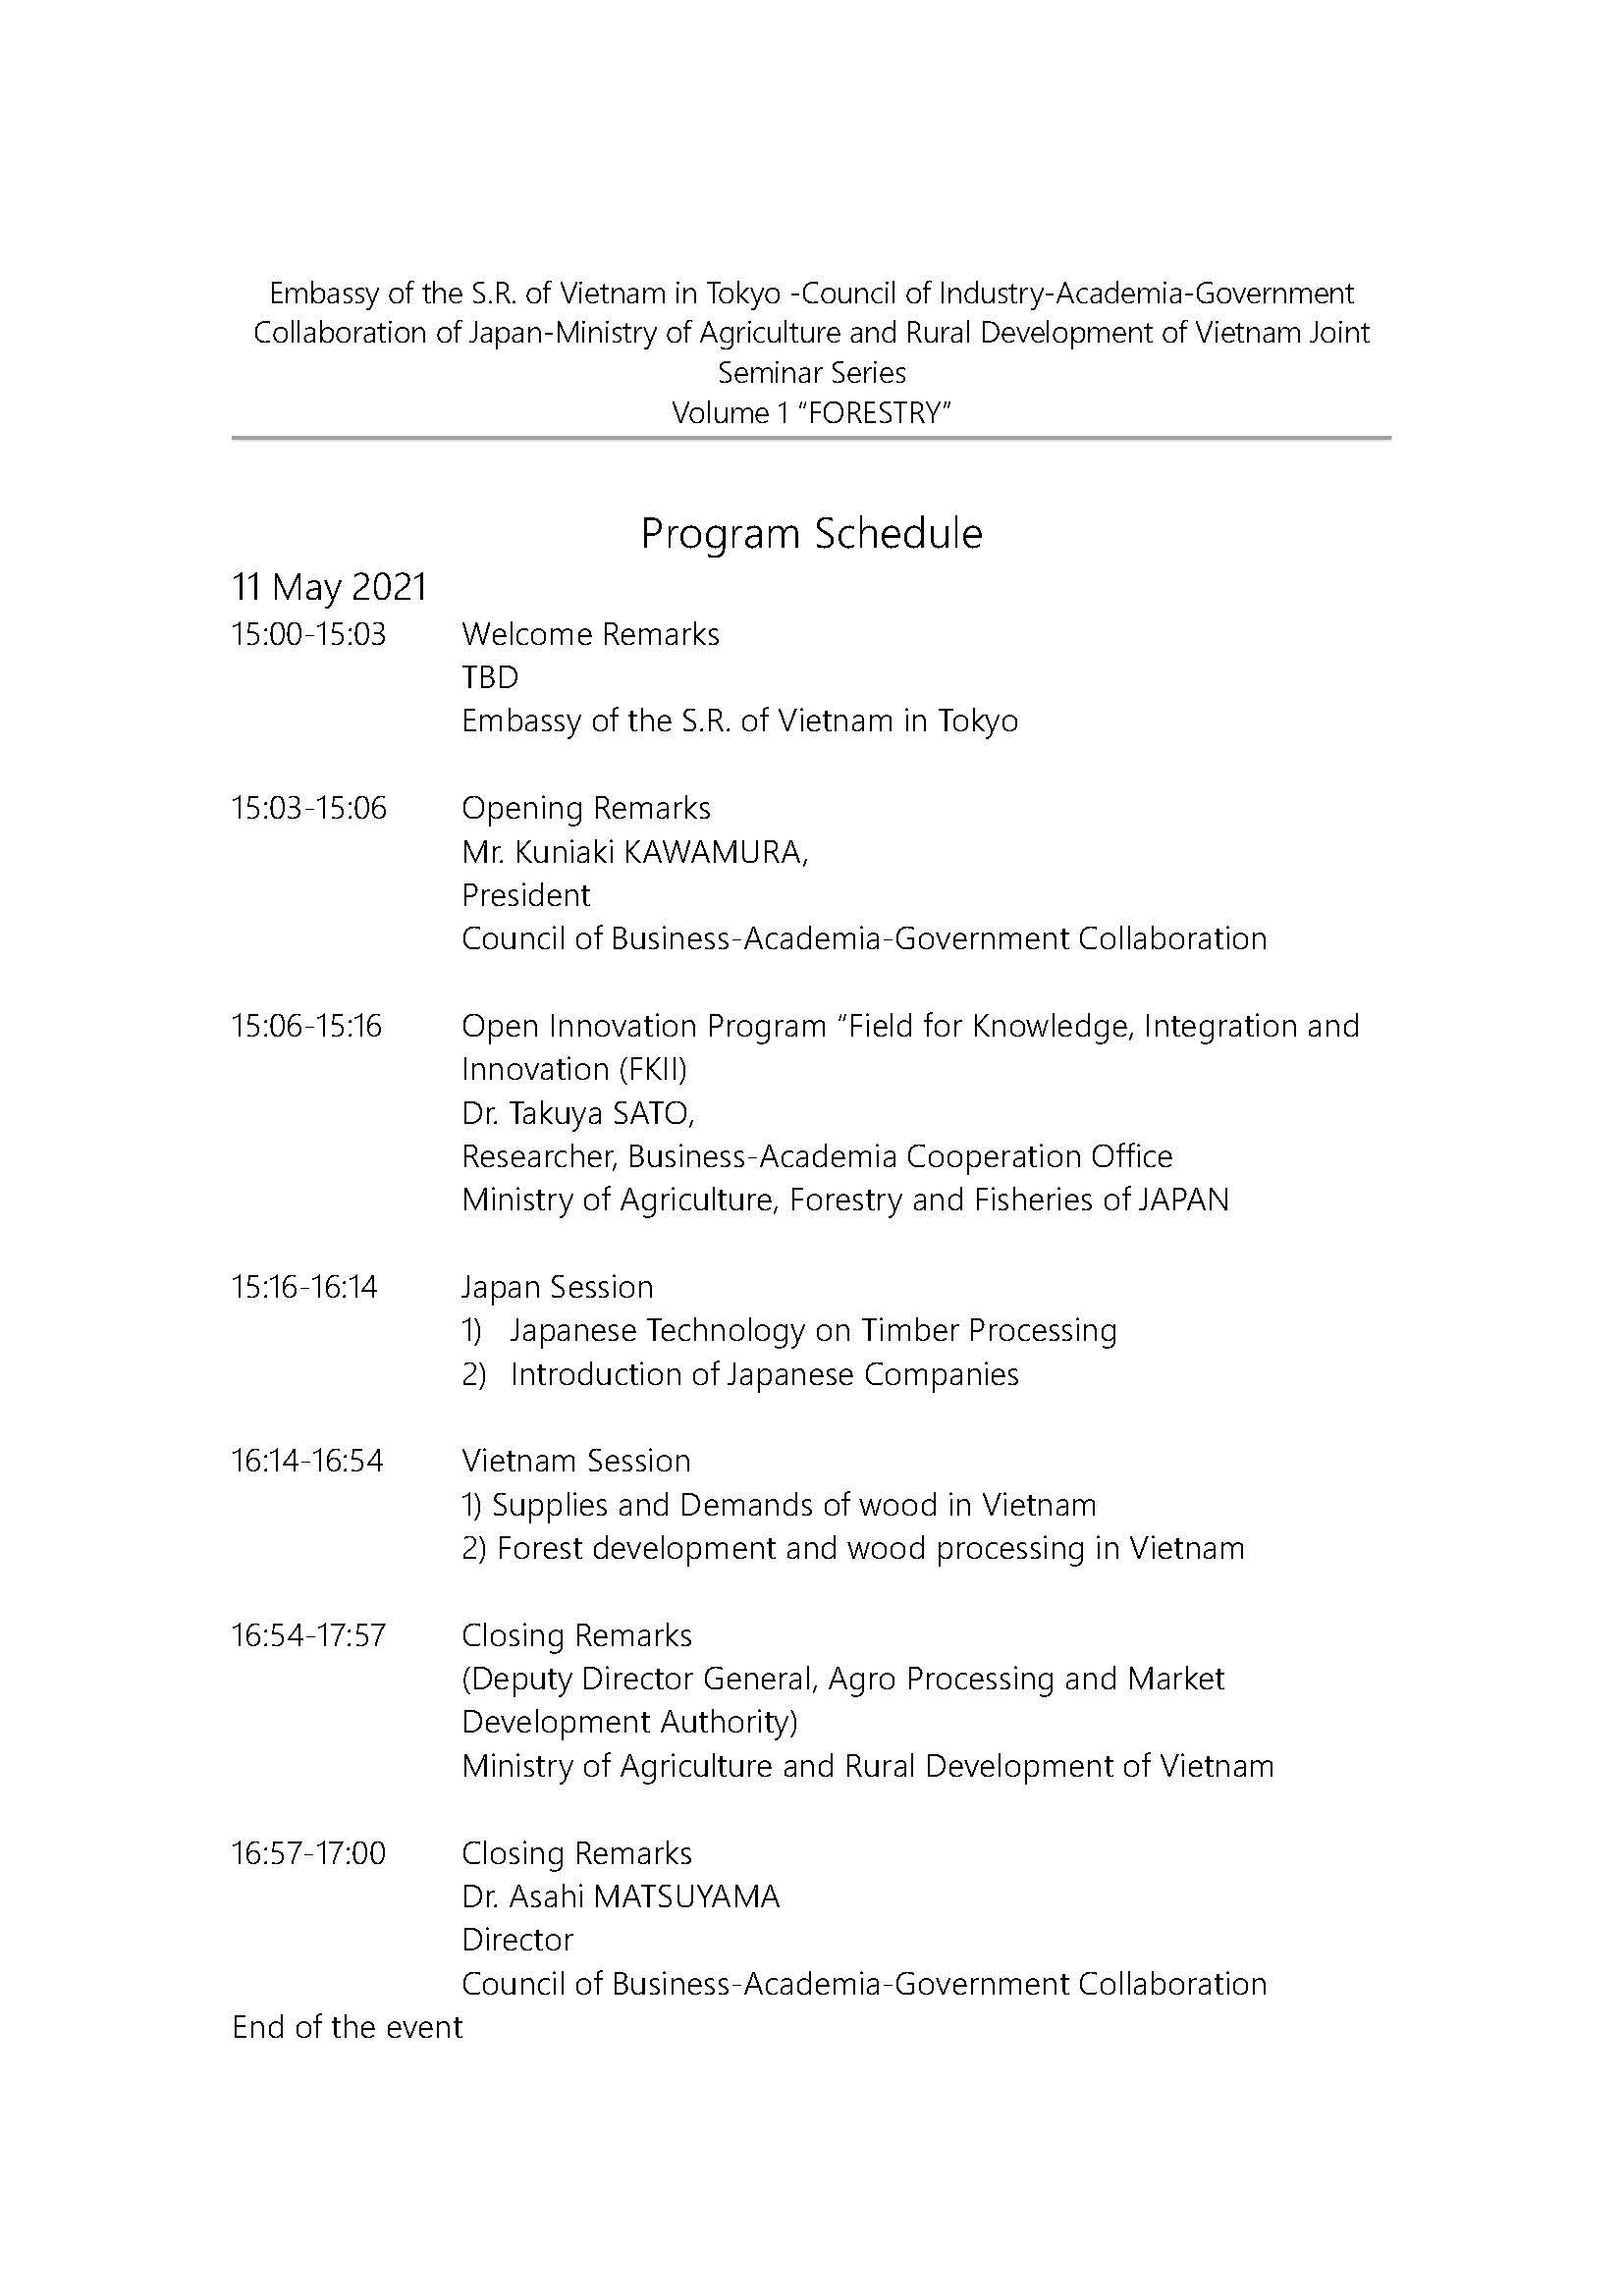 Joint Seminar at Embassy of Vietnam_v3.jpg